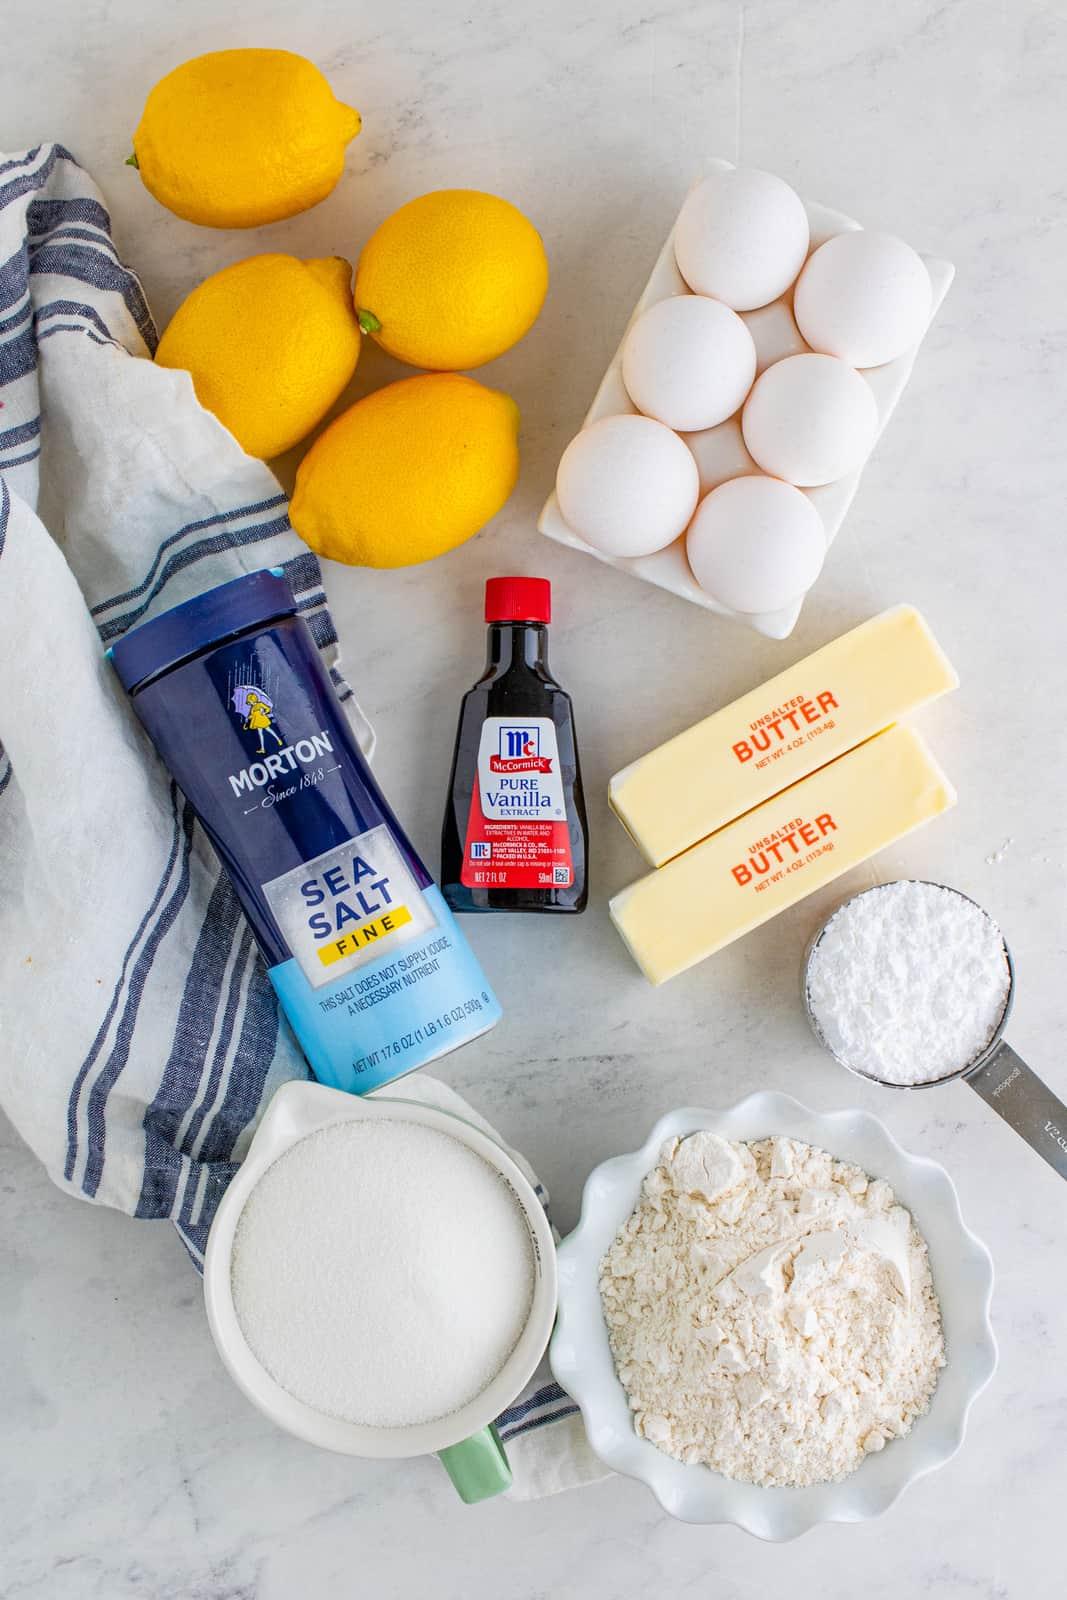 Ingredients needed to make a Lemon Tart